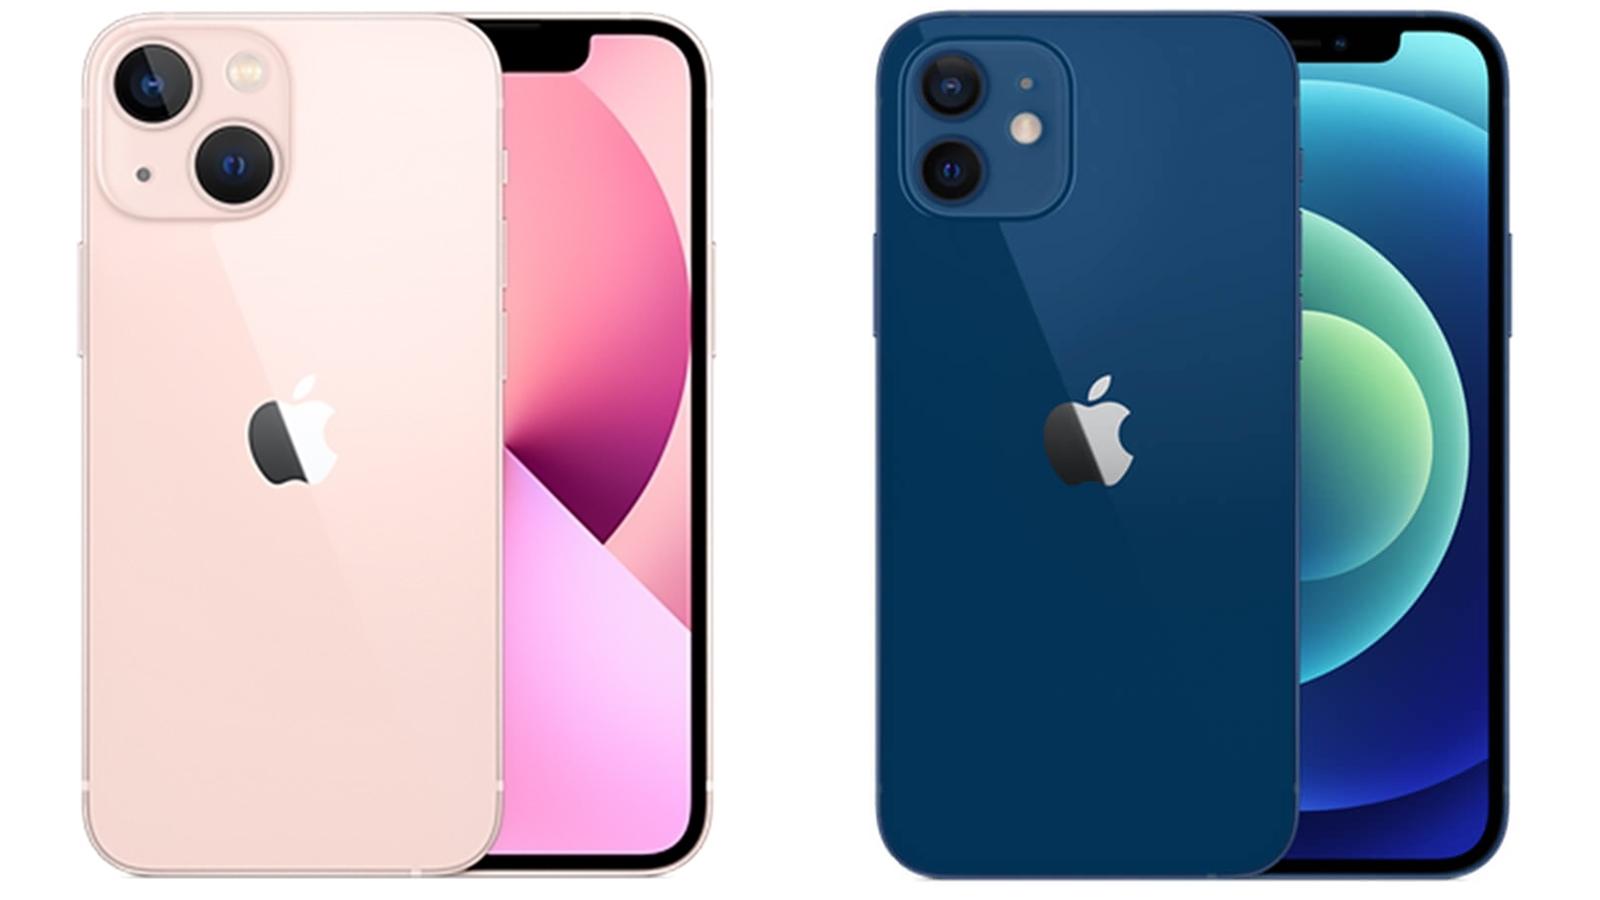 【機型比較】iPhone 13 mini和12 mini規格功能比較!哪裡買最便宜?